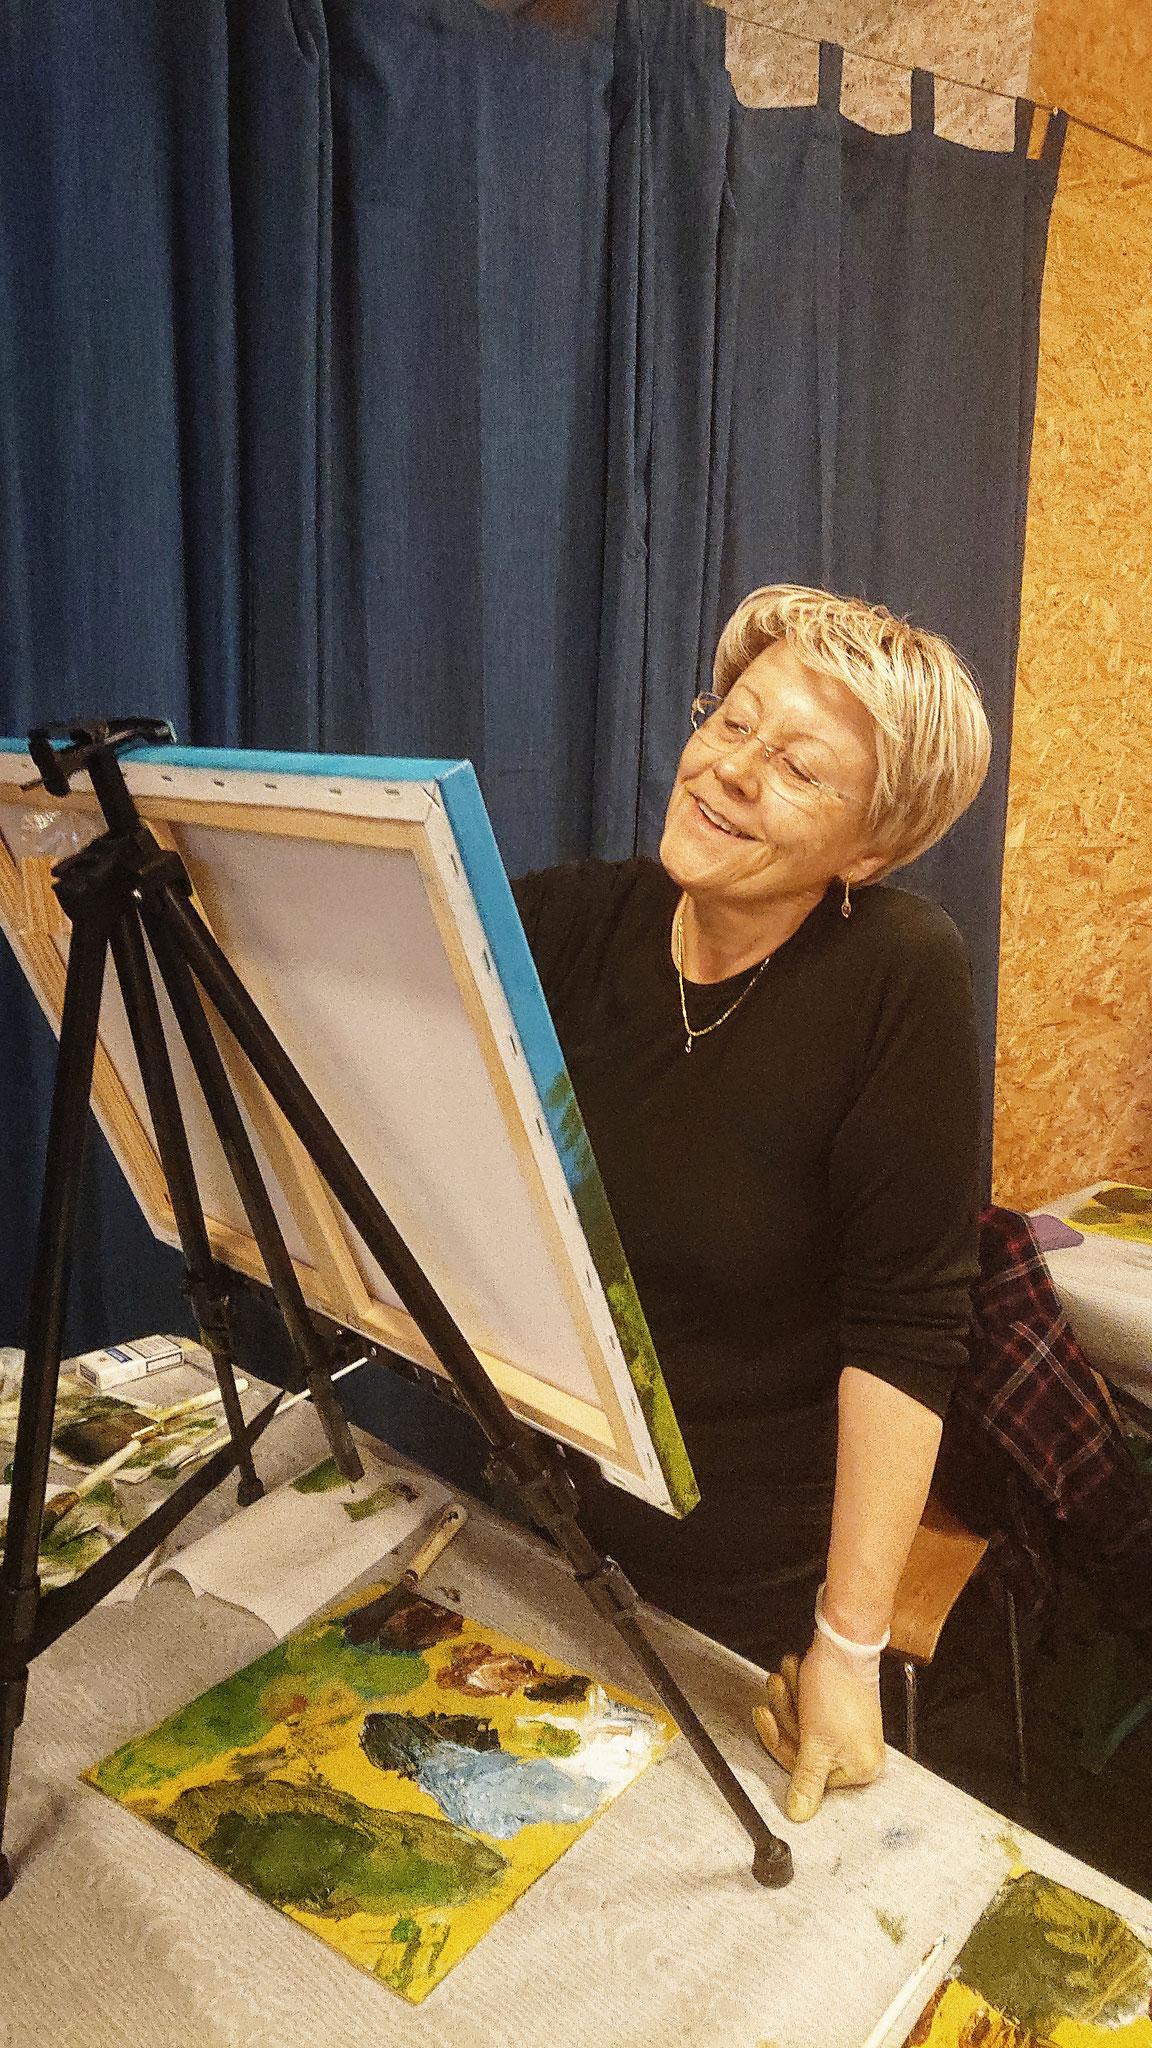 Freude beim Malen soll dabei sein. 17.11.2018